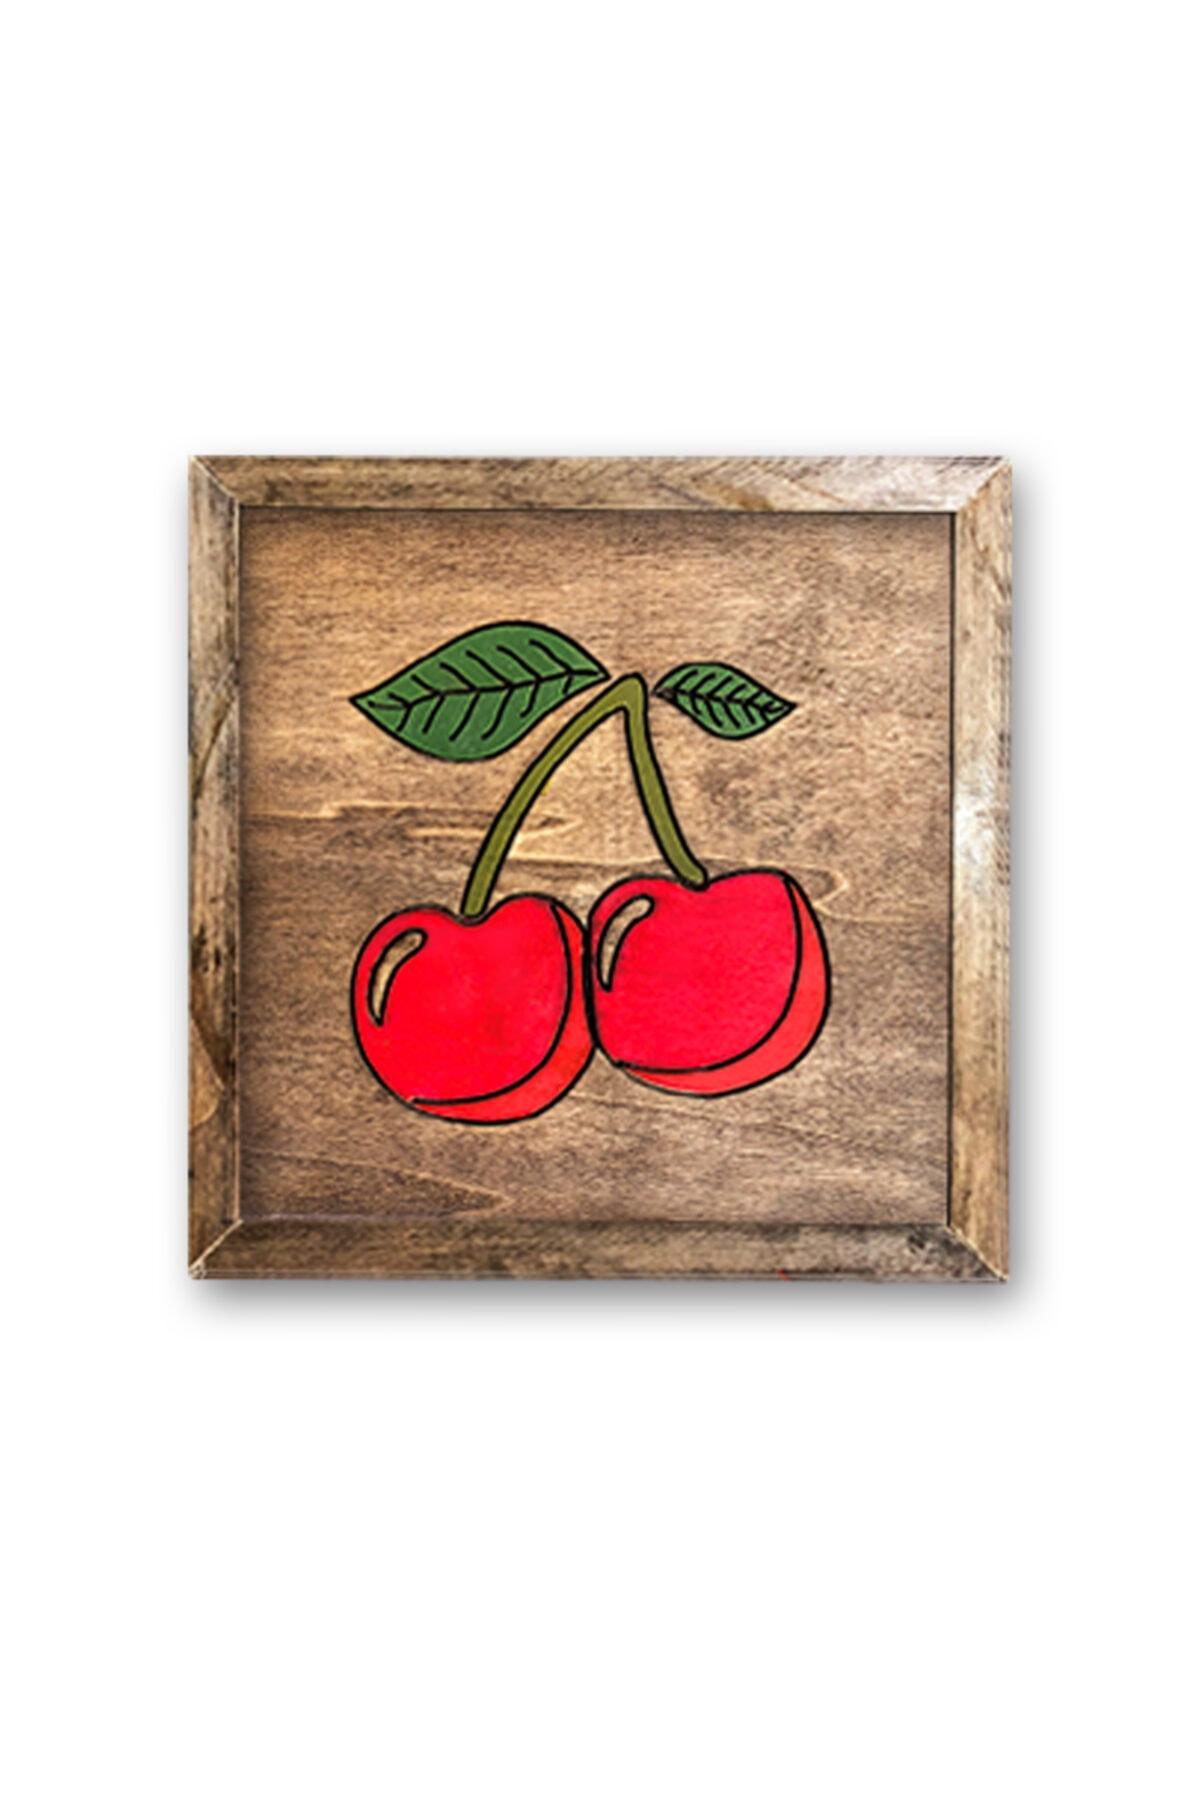 Çizgisel Kiraz I Ahşap Tablo Cherry I Wooden Wall Art Deco